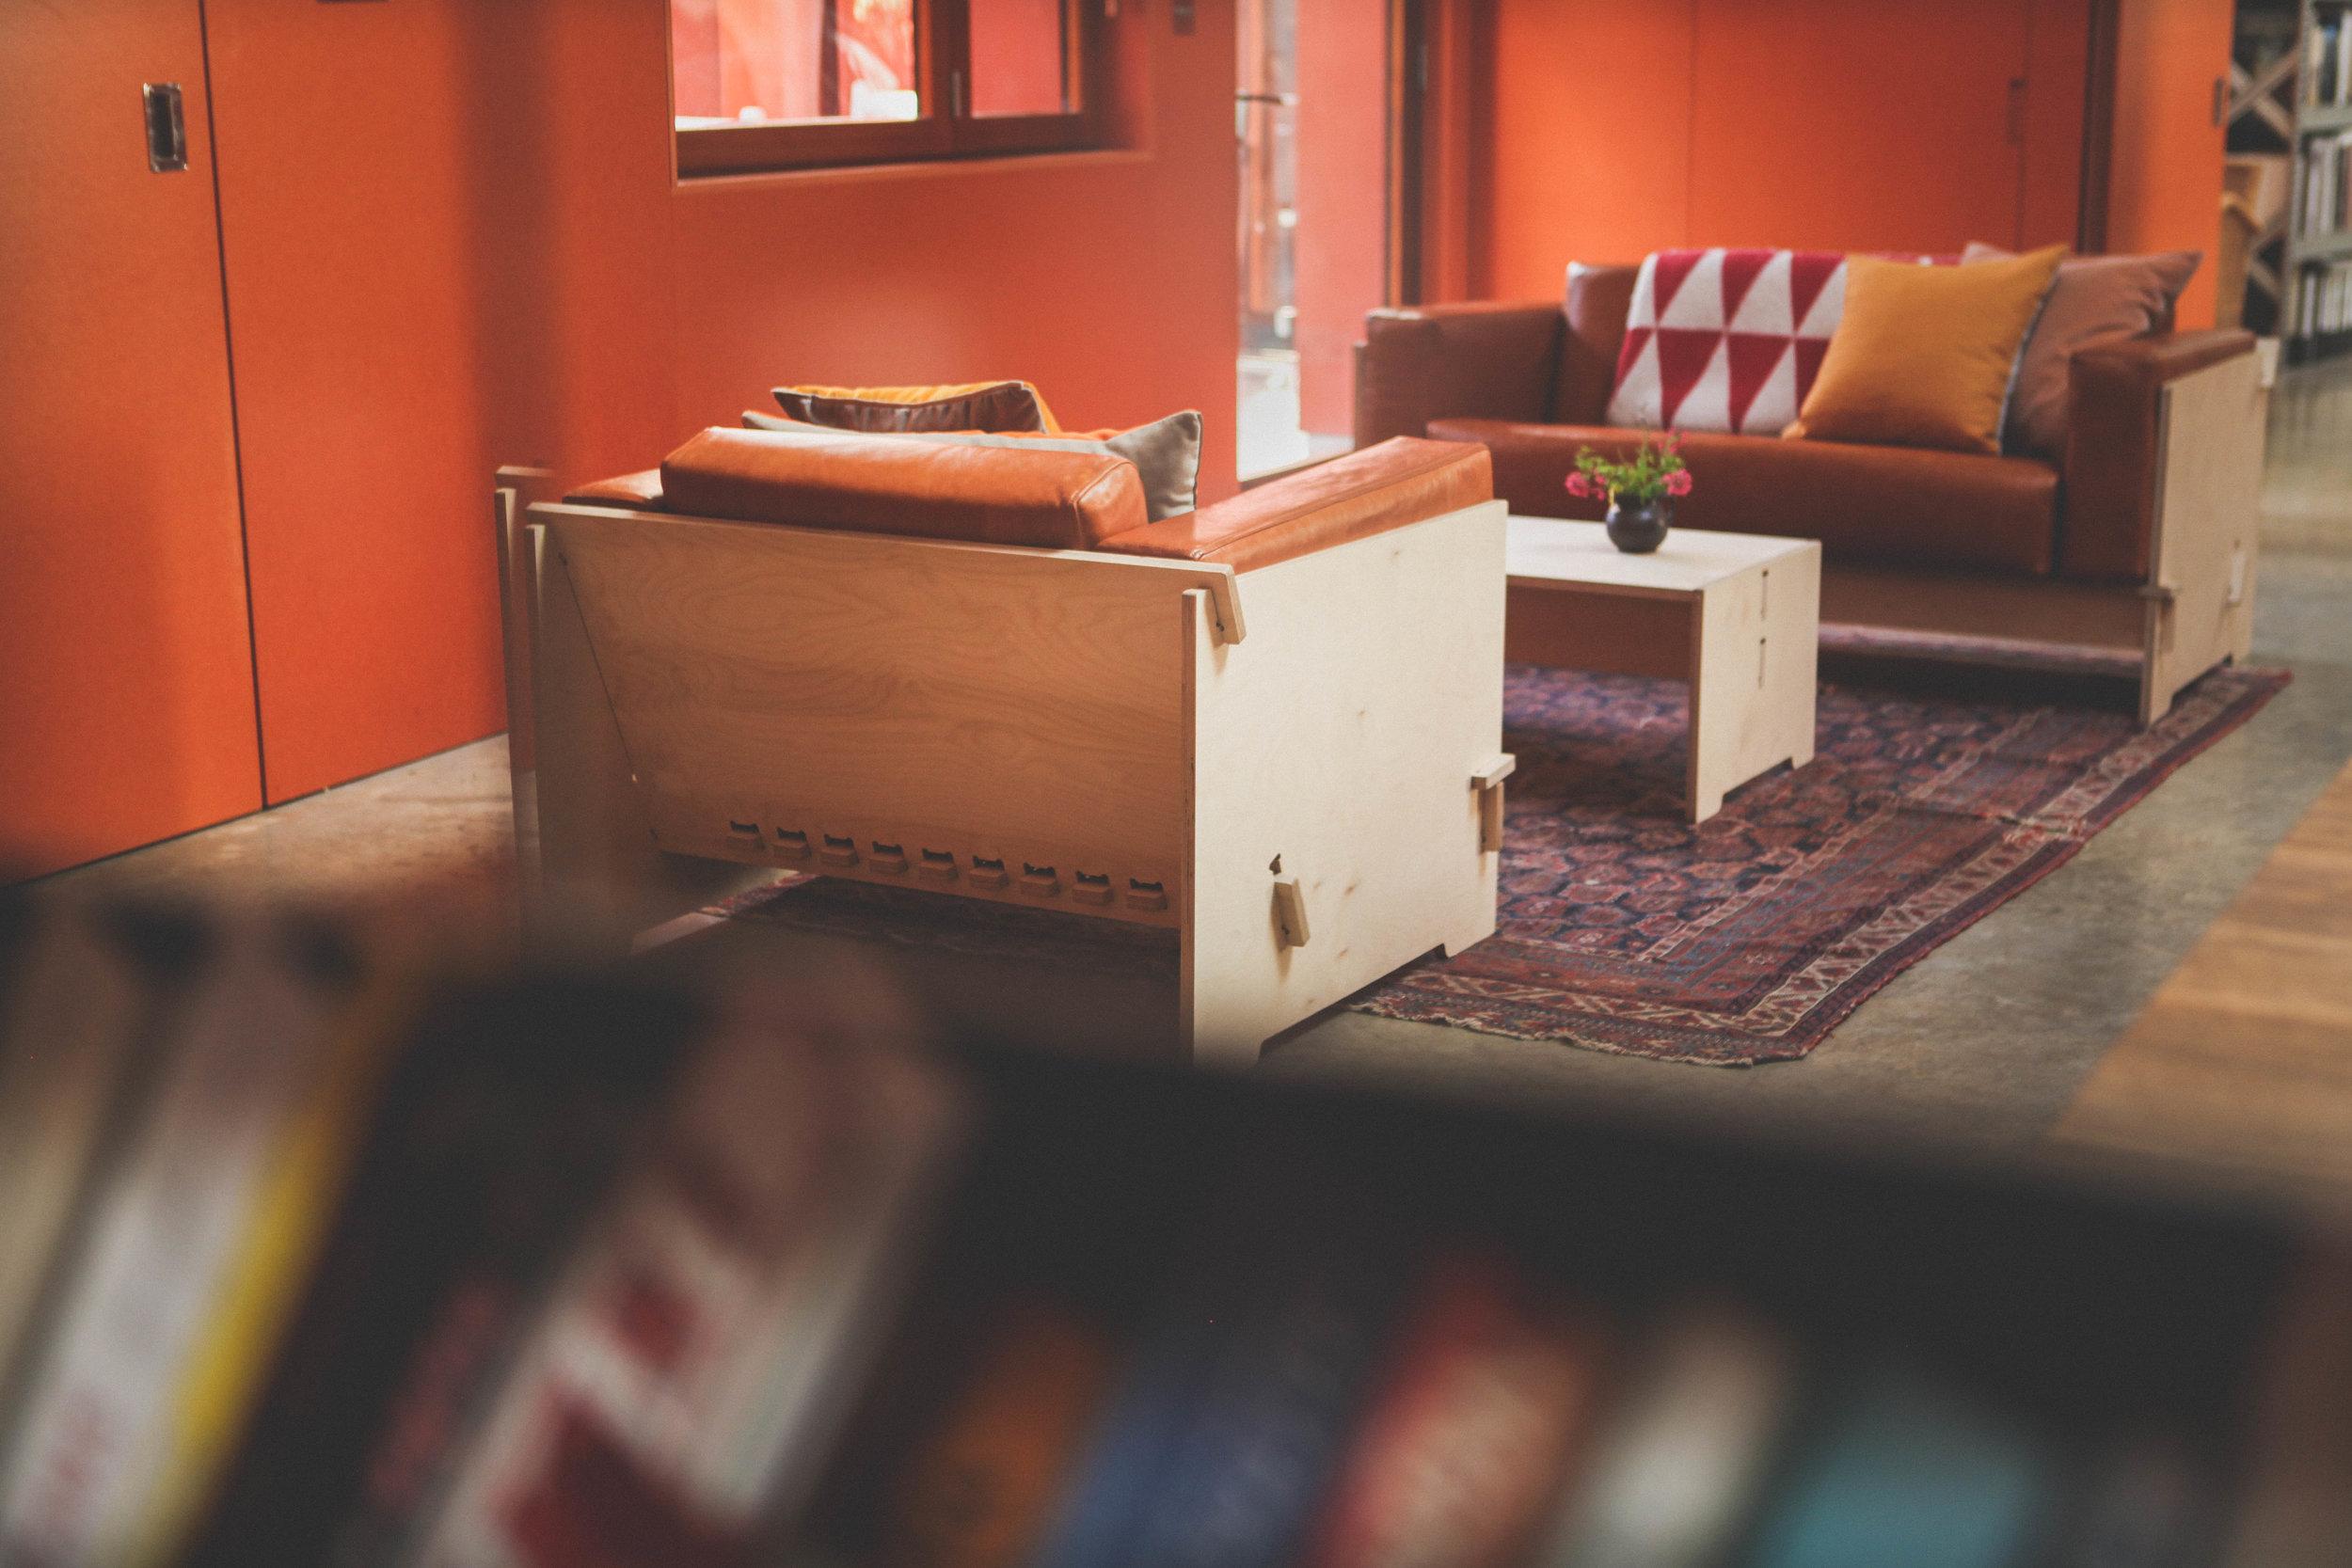 Sofa_detail2.jpg